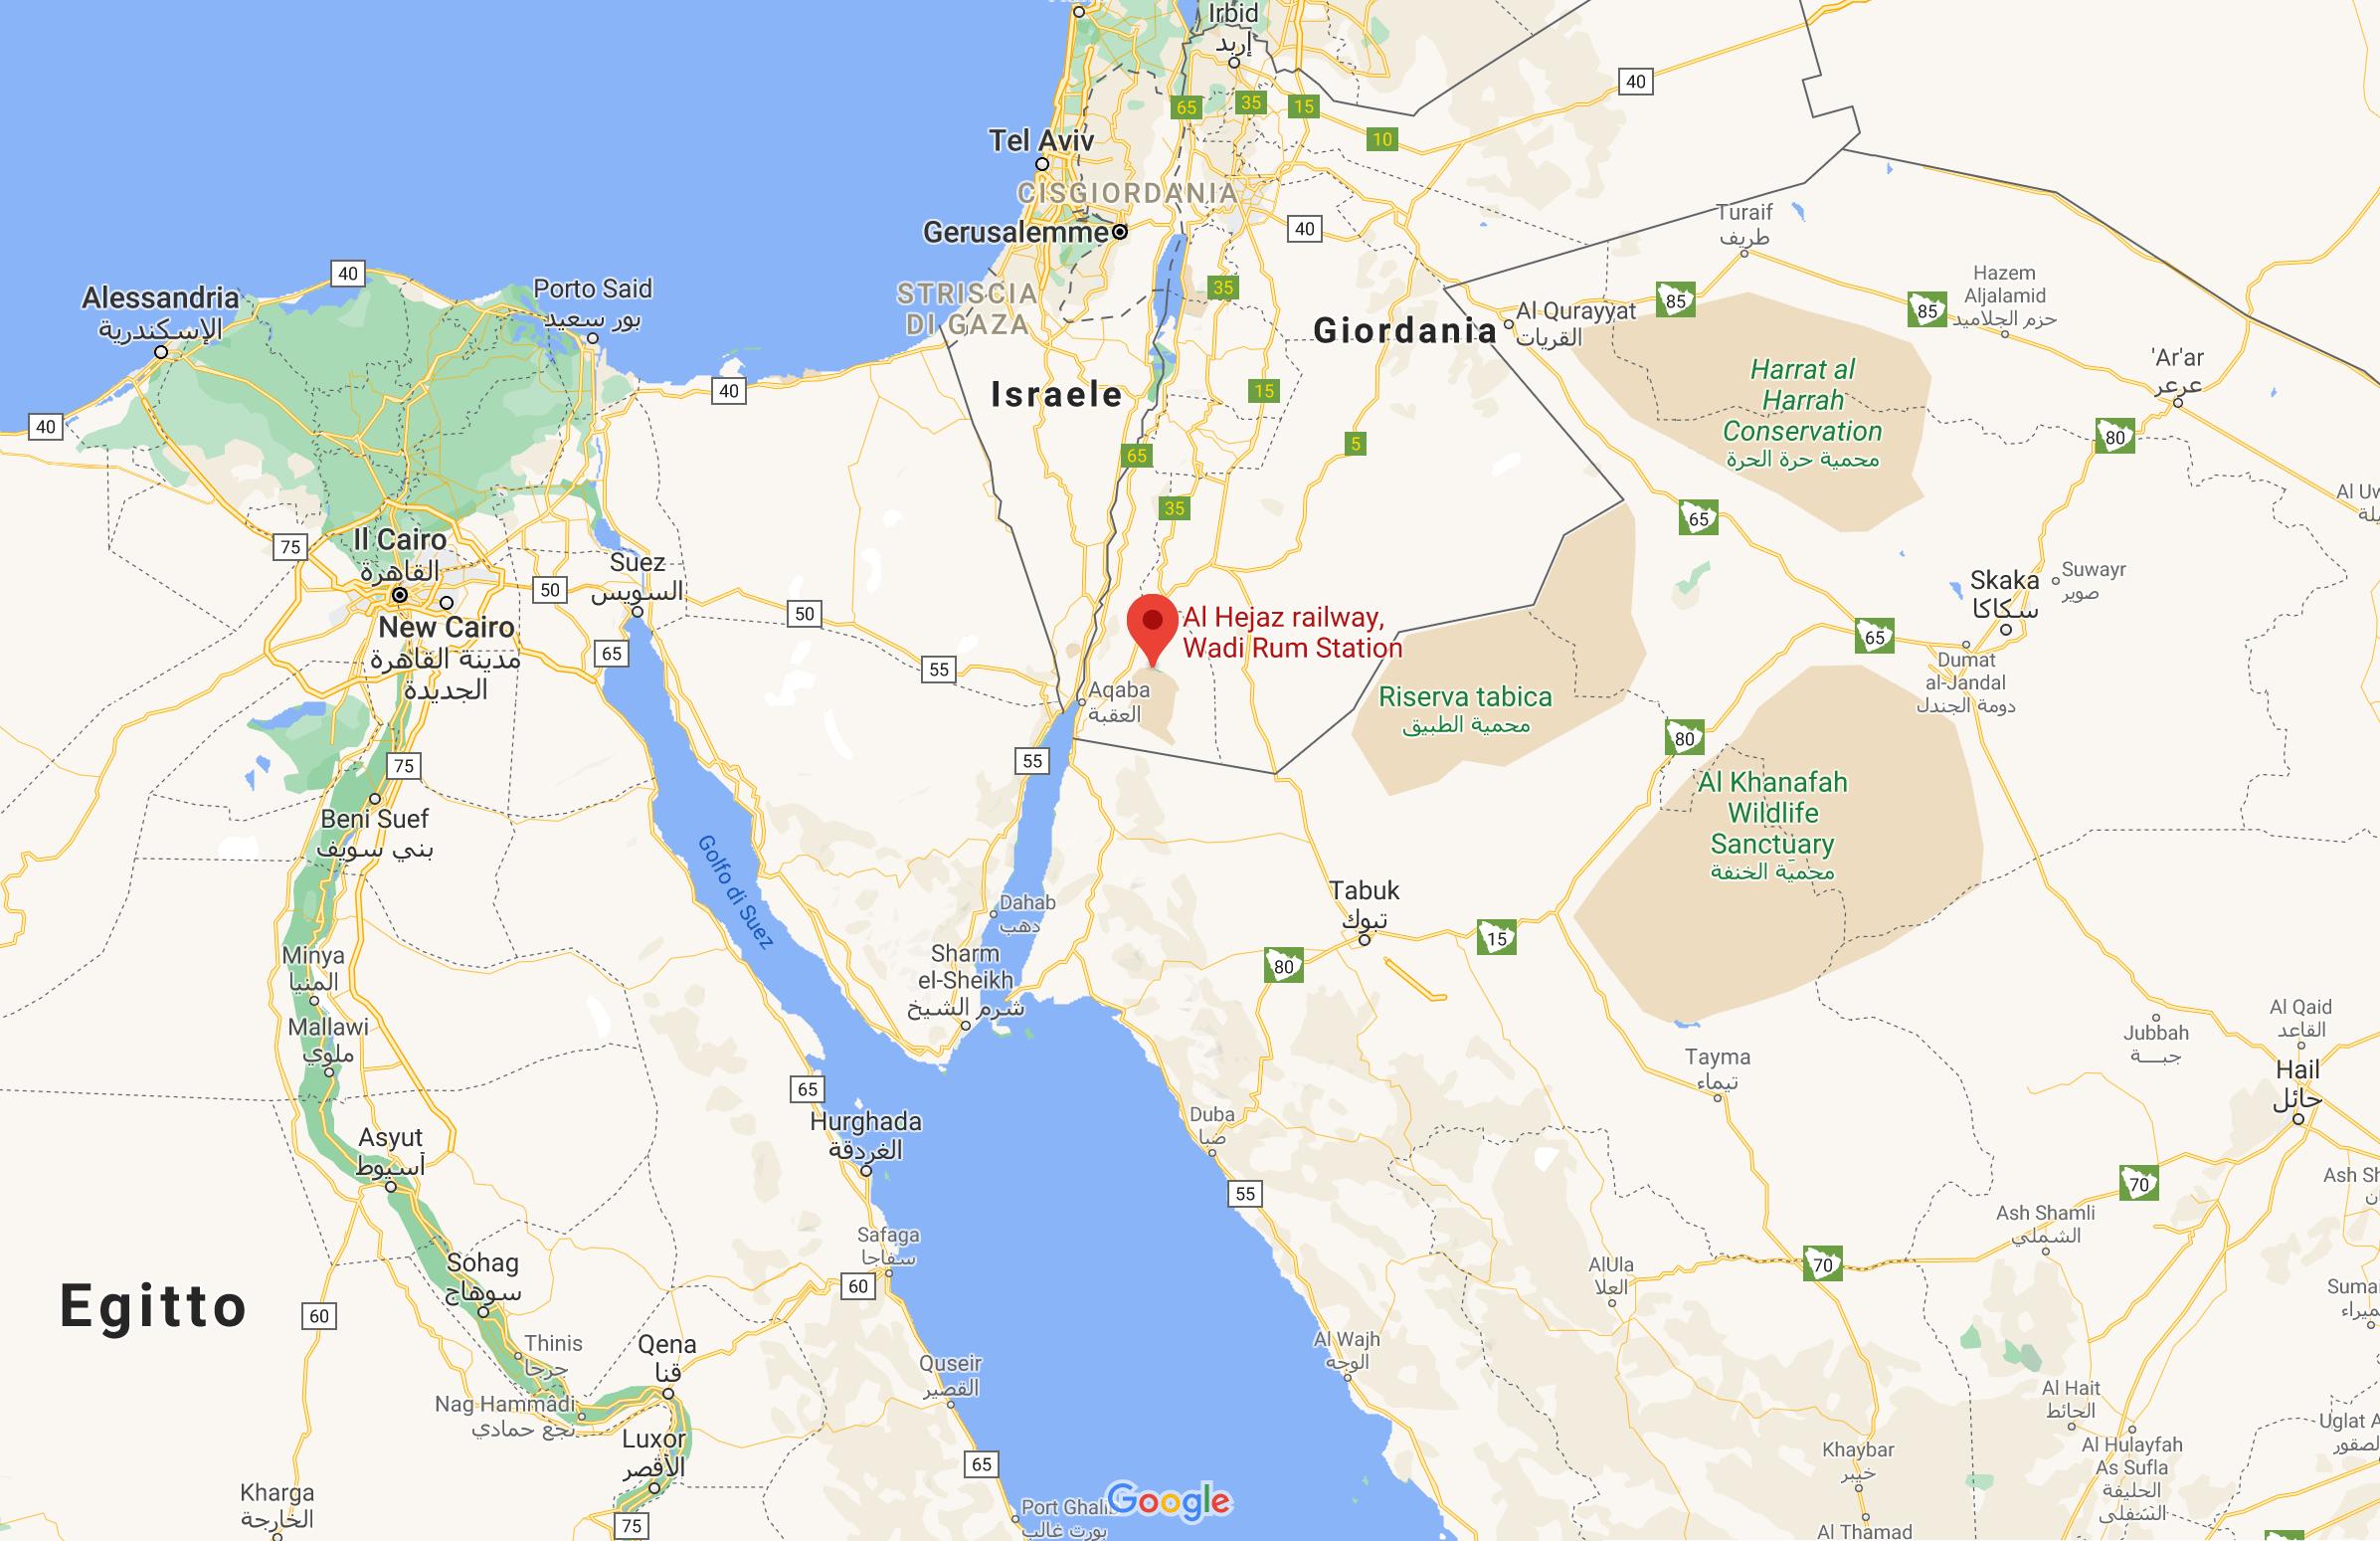 Al Hejaz railway Wadi Rum Station, Giordania